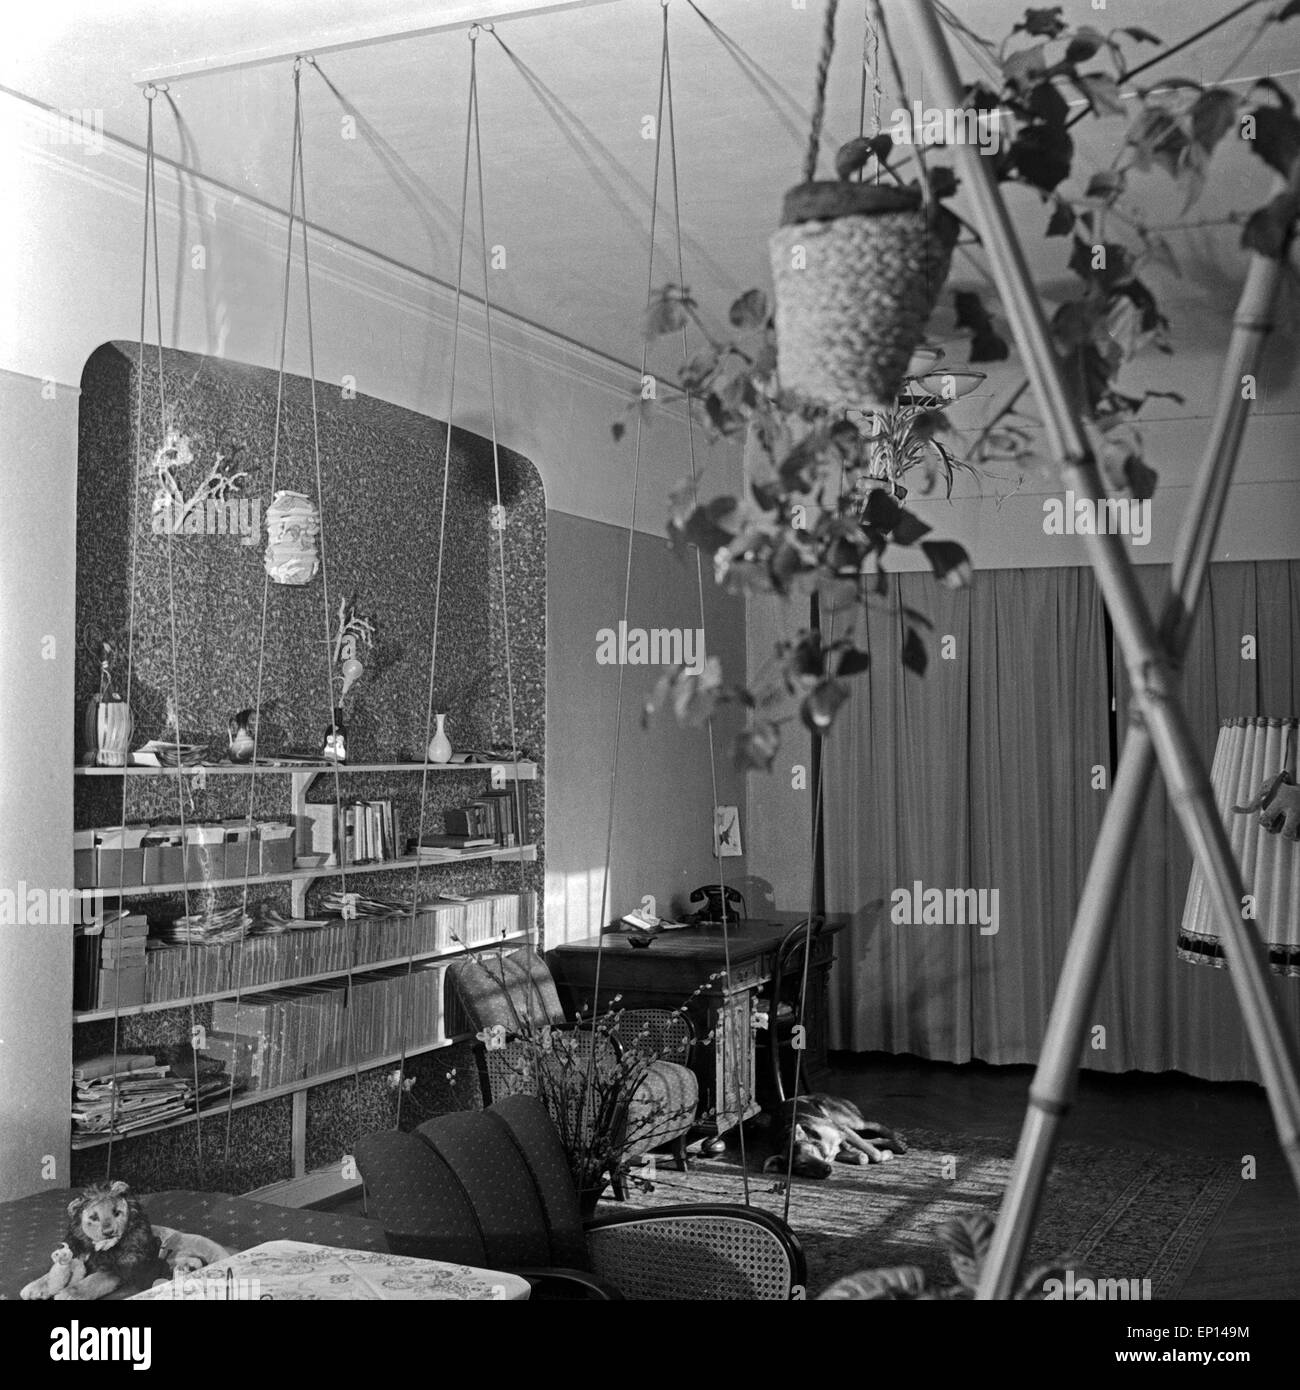 Typische Einrichtung In Einem Wohnzimmer, Deutschland 1950er Jahre.  Contemporary Interior Of A Living Room